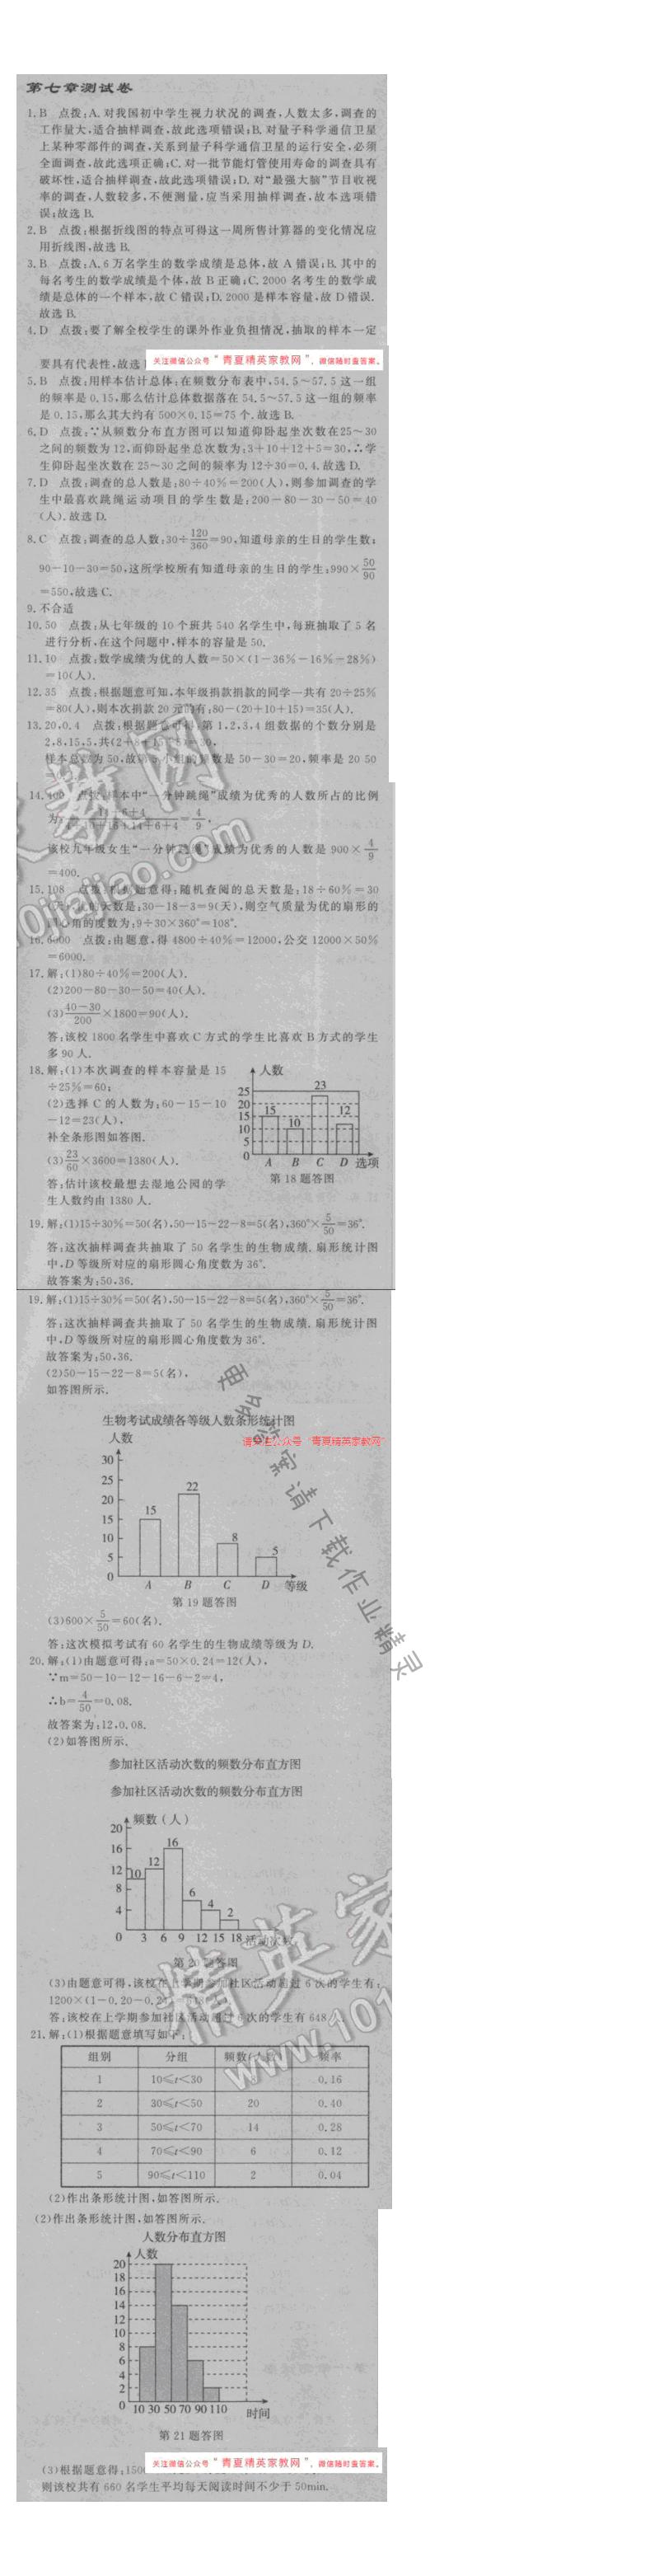 2016年启东中学作业本八年级数学下册江苏版 第七章测试卷